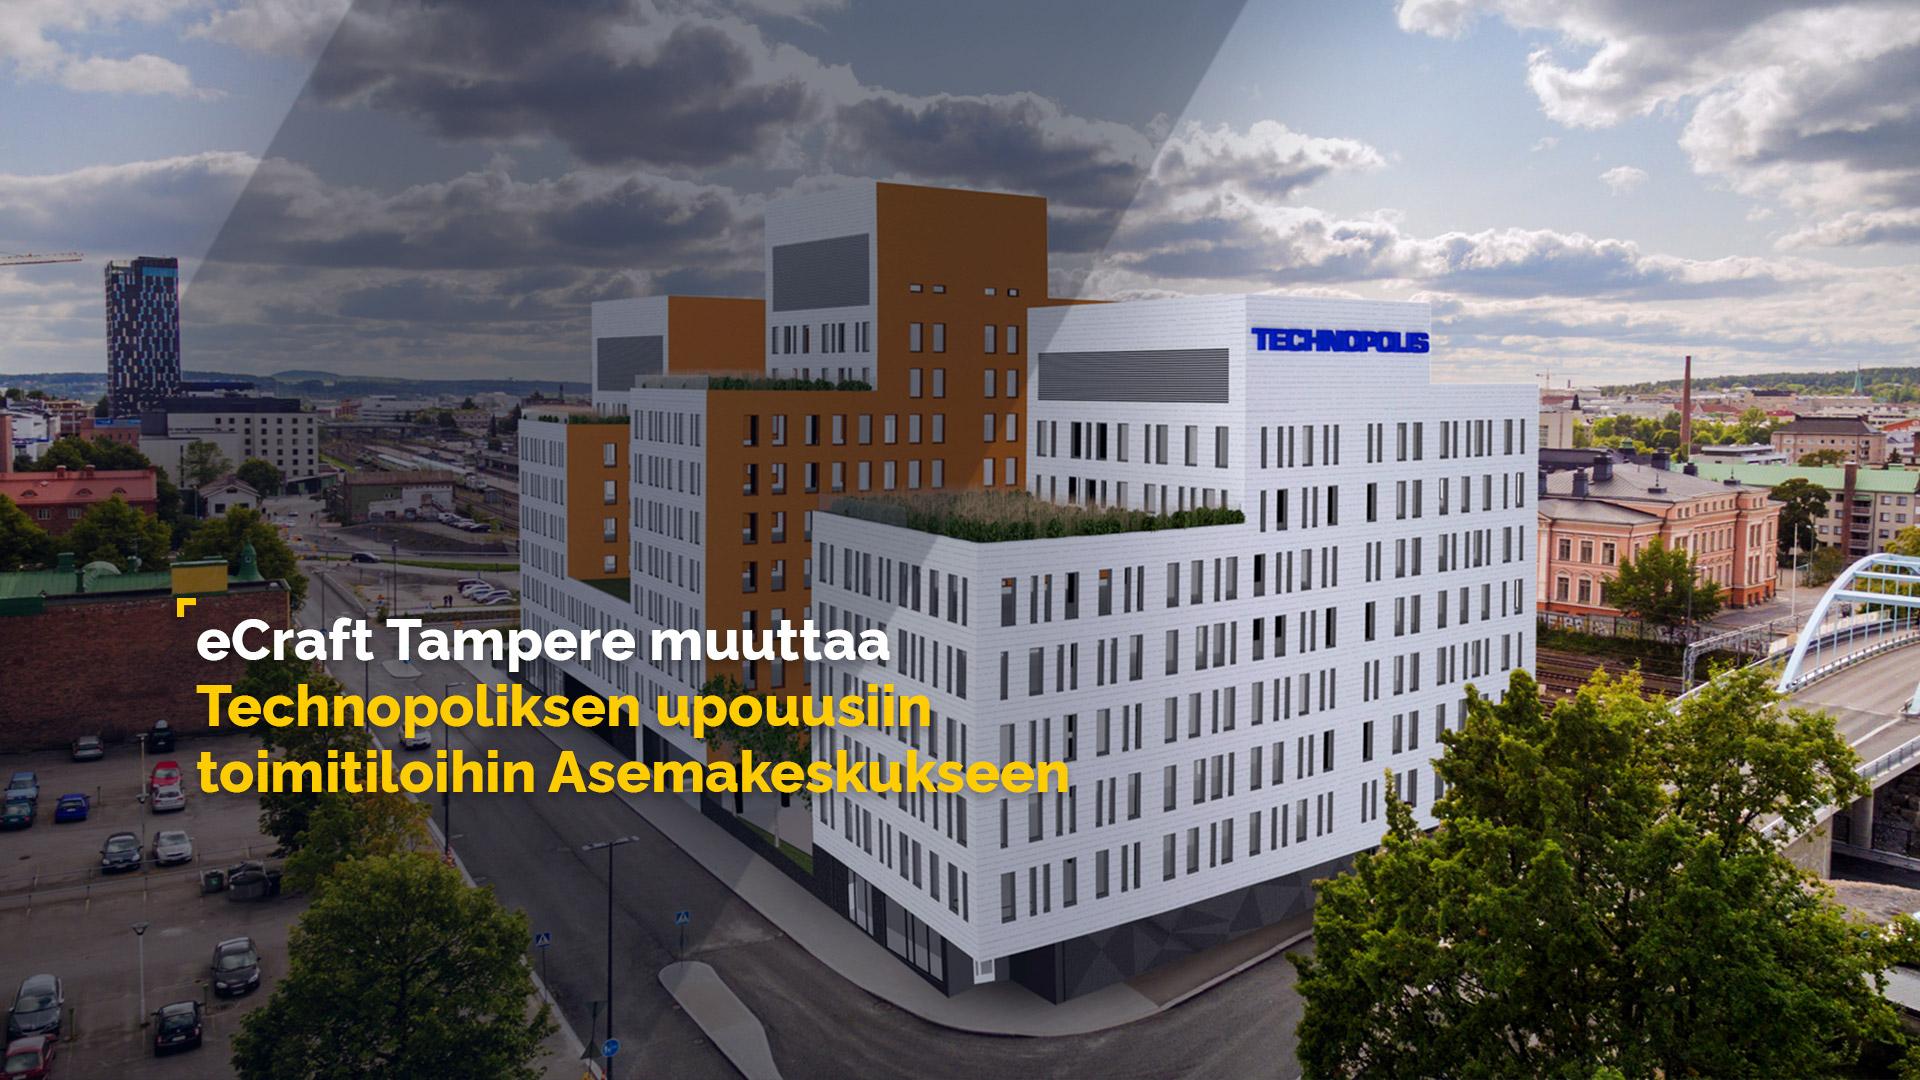 eCraft Tampere muuttaa (asemakeskus).jp